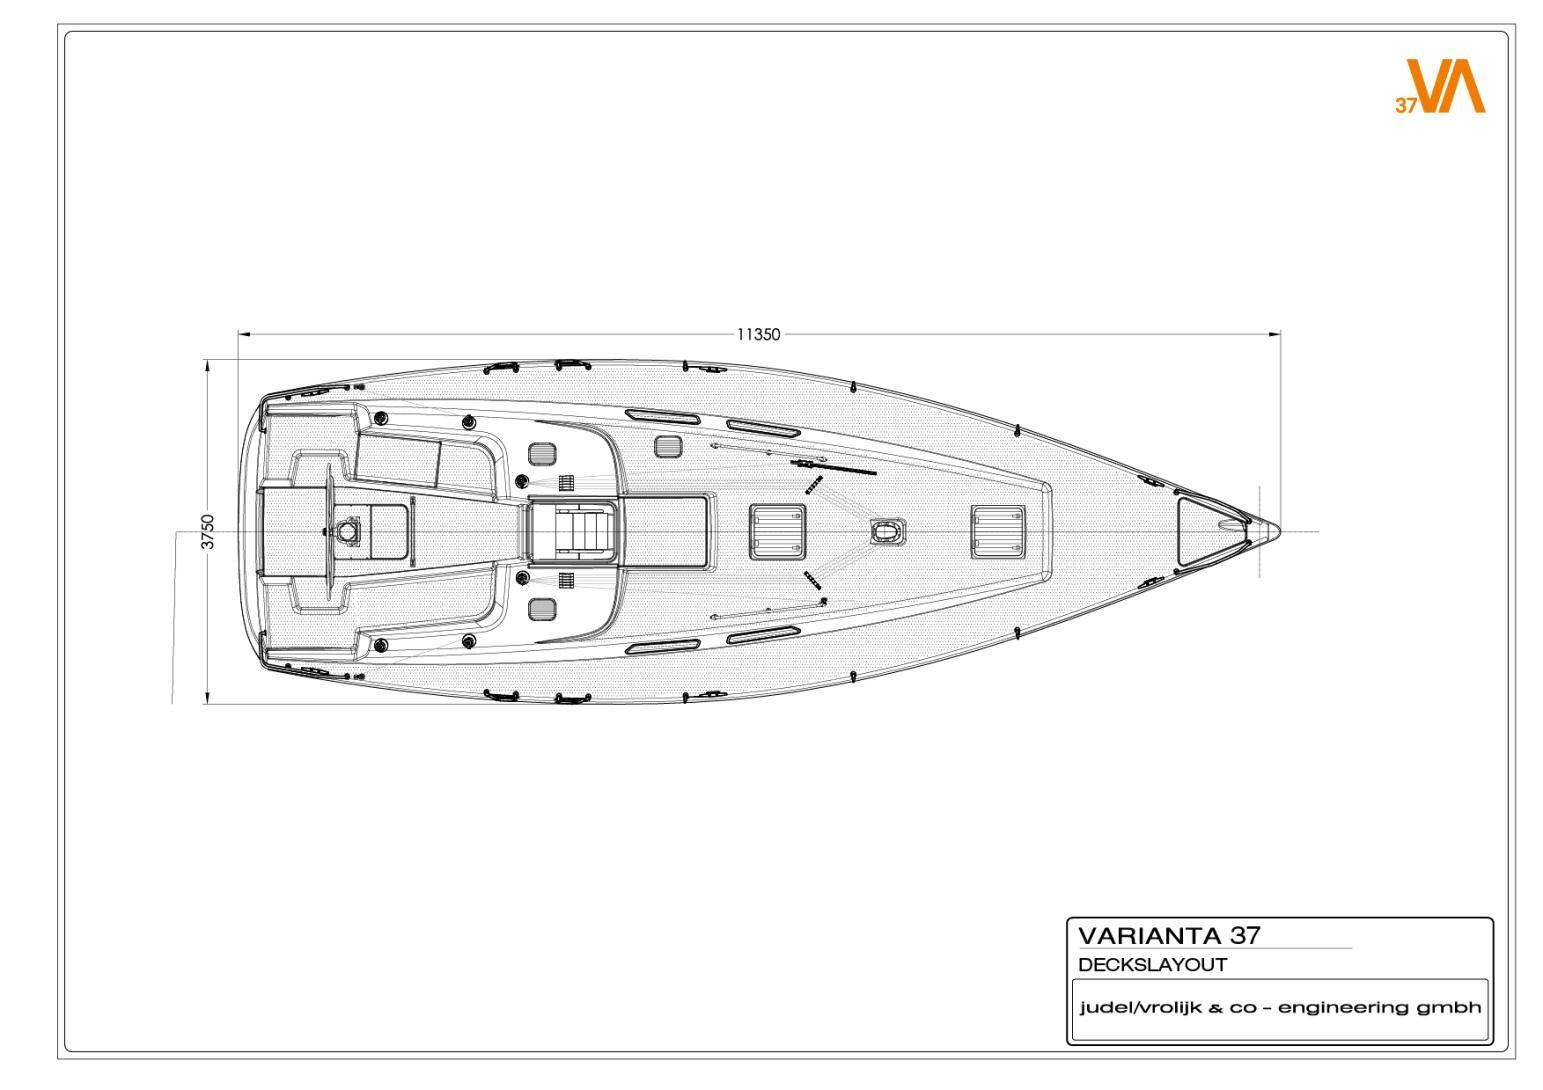 varianta-37-17